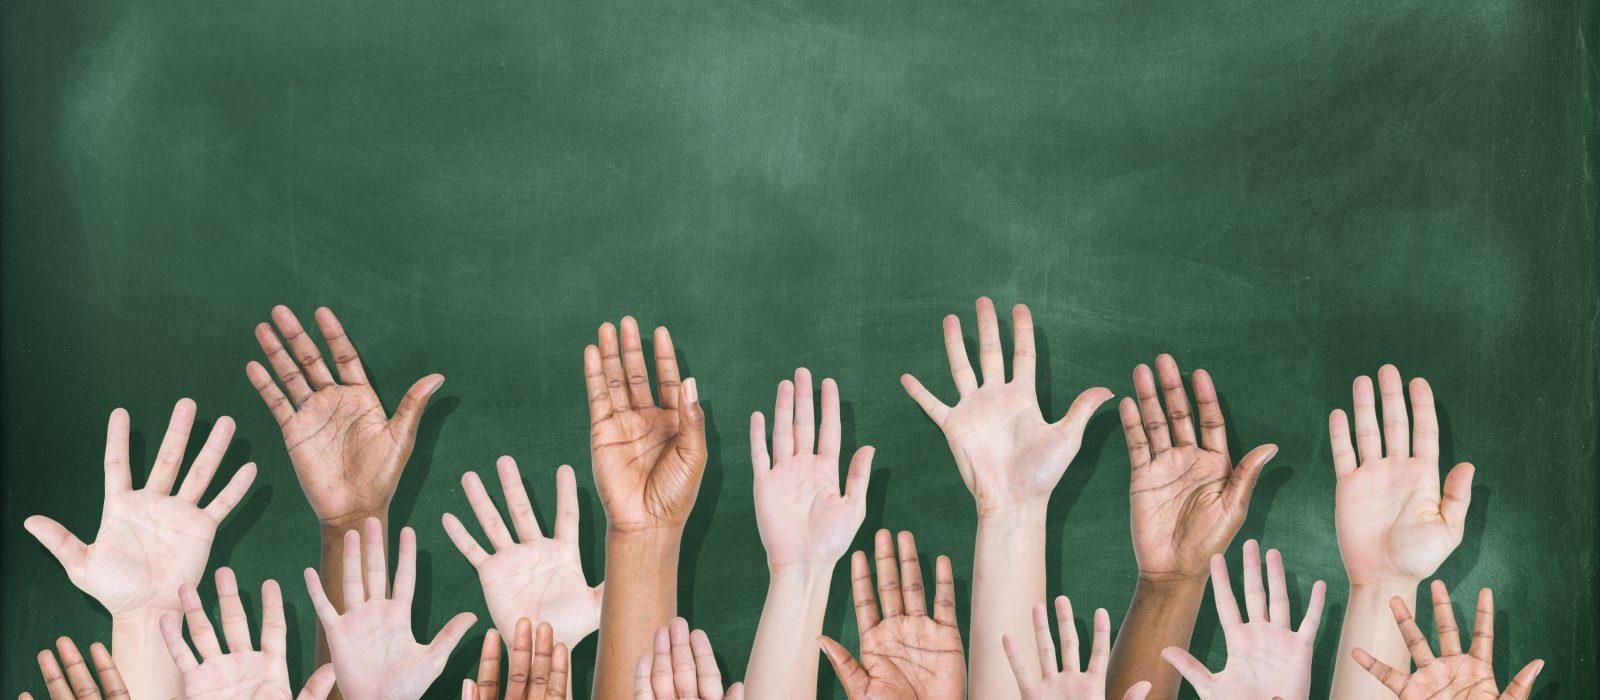 ¿Cómo mejorar la participación en clases?